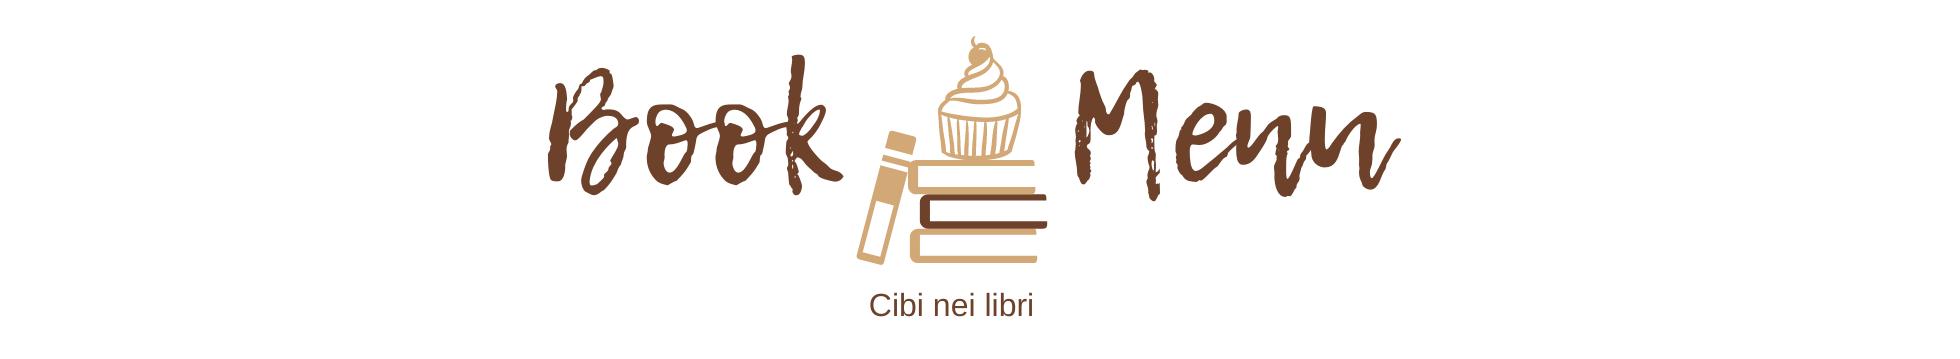 Book_Menu